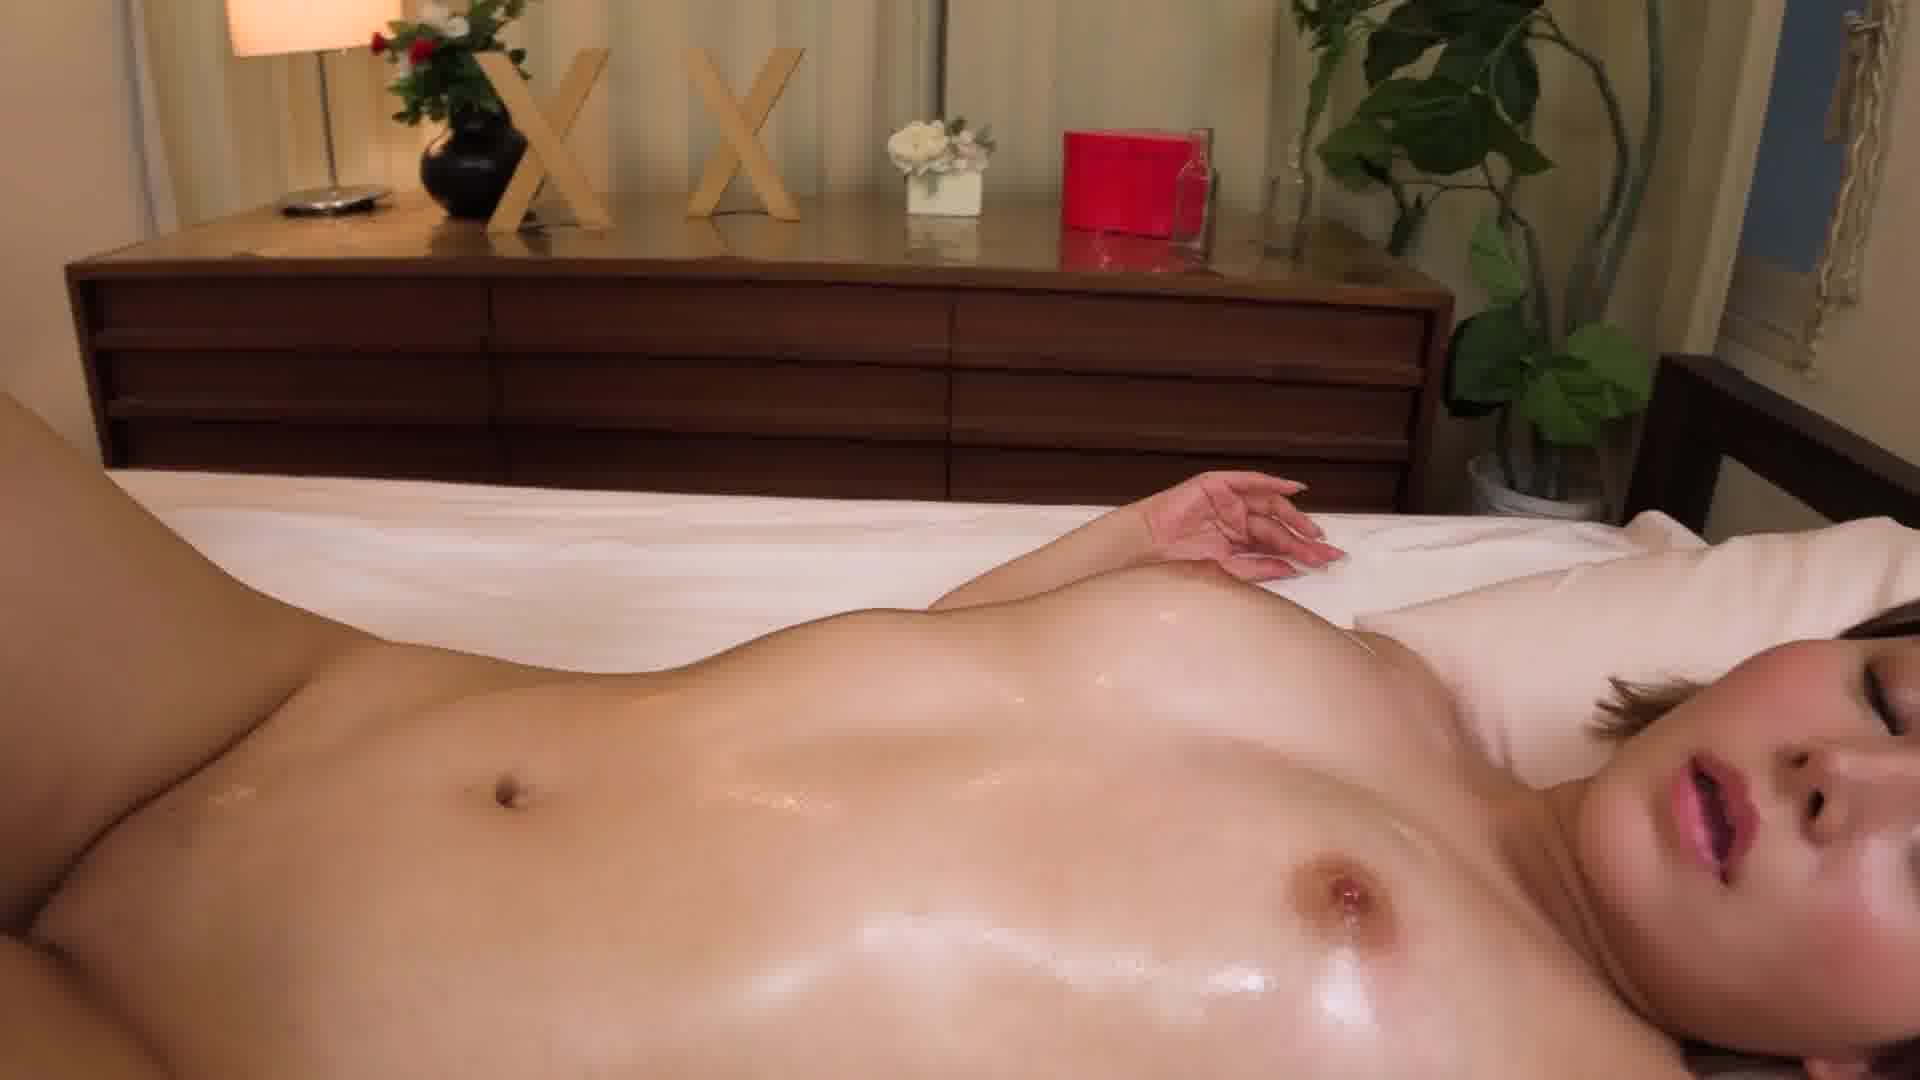 いじられ続けてガチガチになるマゾ乳首14 - 塩見エリカ【美乳・パイパン・中出し】